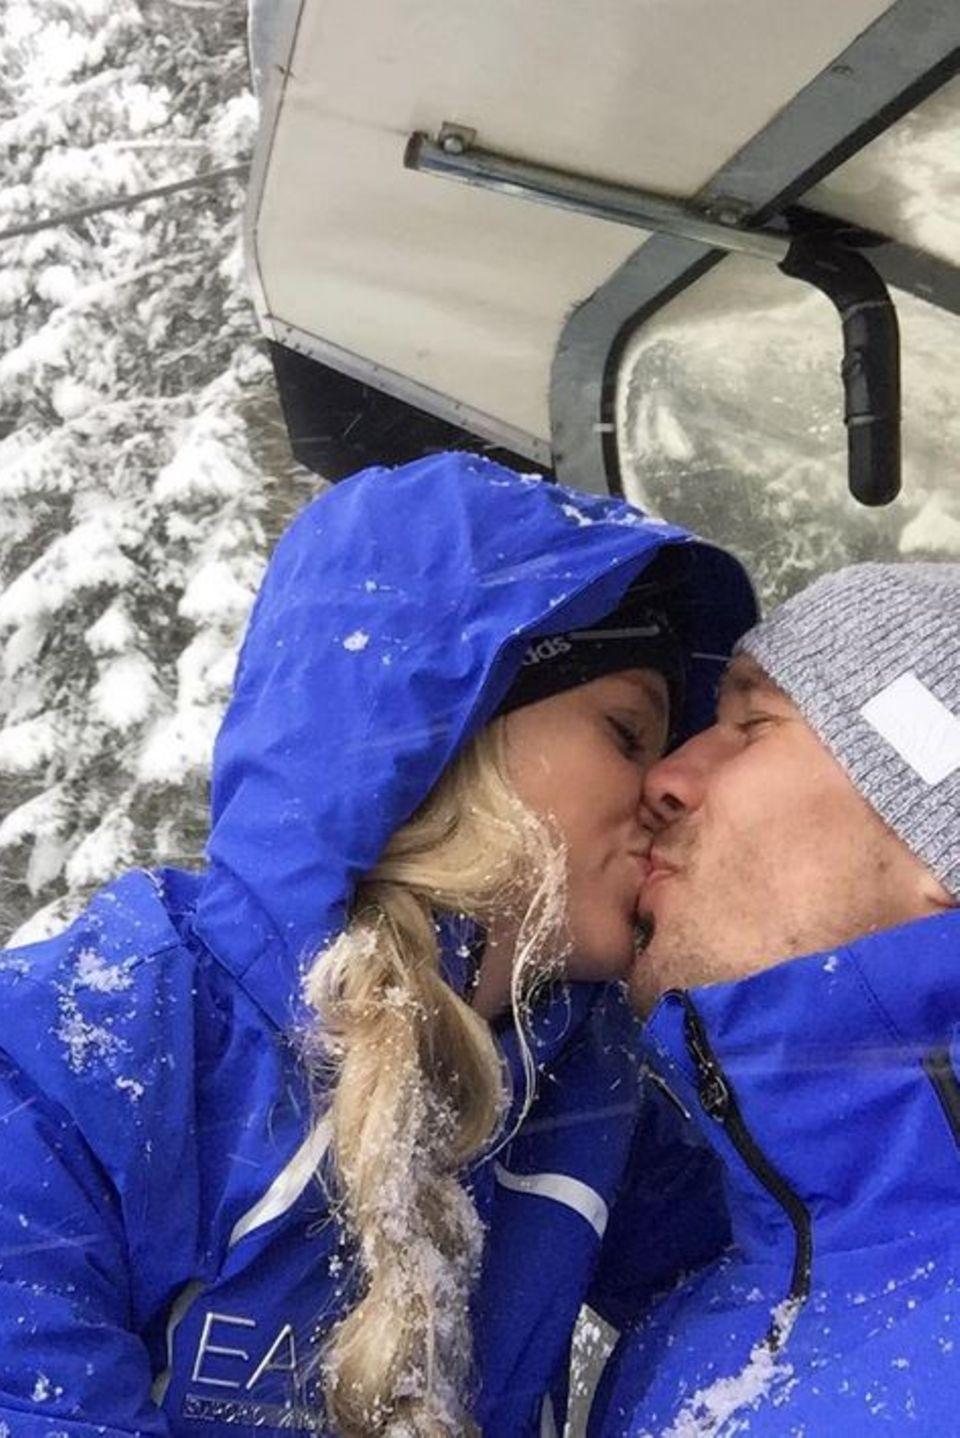 Lukas Podolski küsst seine Monika im Schneegestöber.